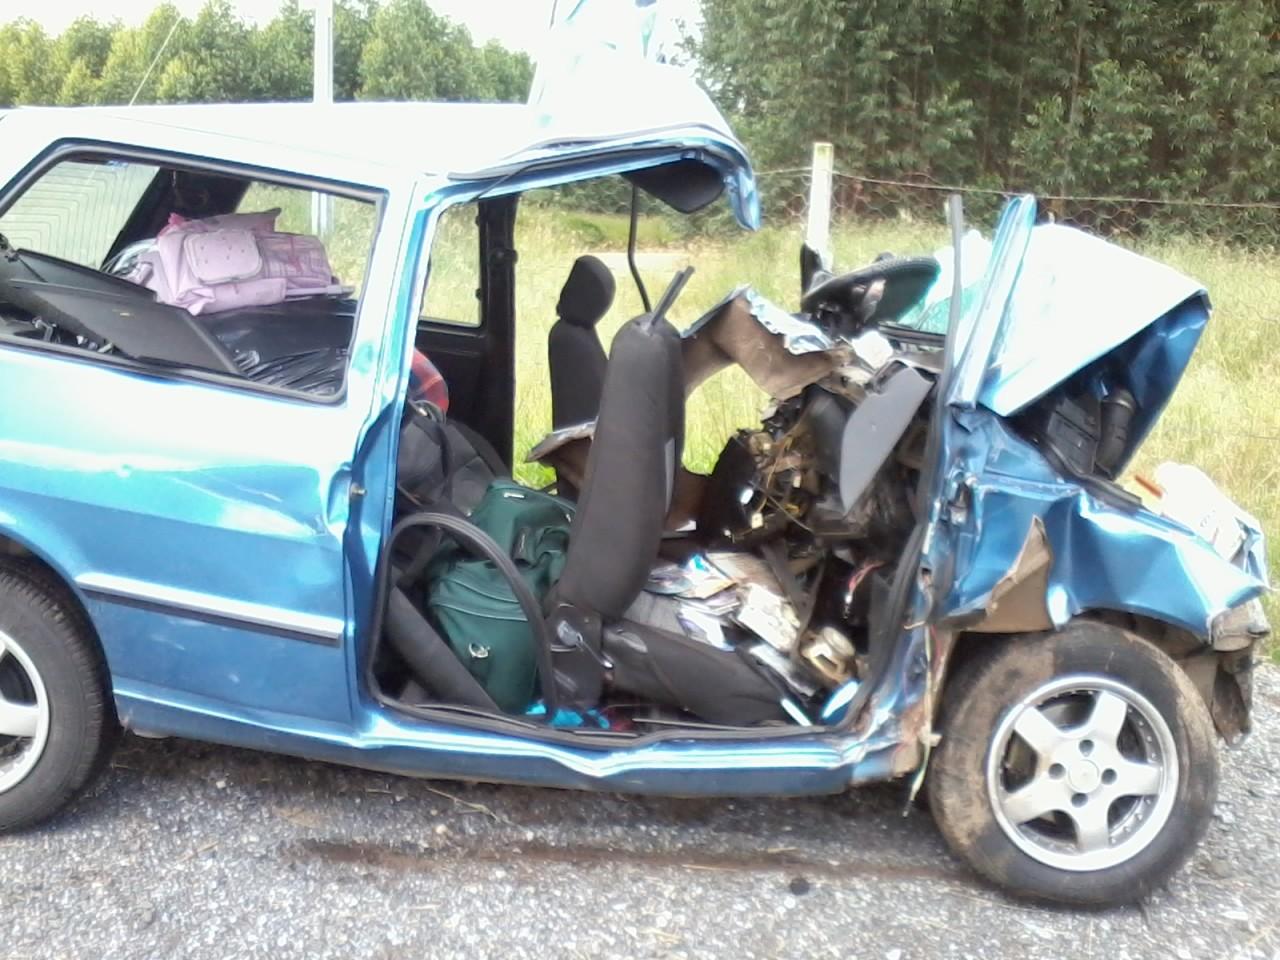 Carro da família ficou destruído após colisão com caminhão. (Foto: Giliardy Freitas / TV TEM)